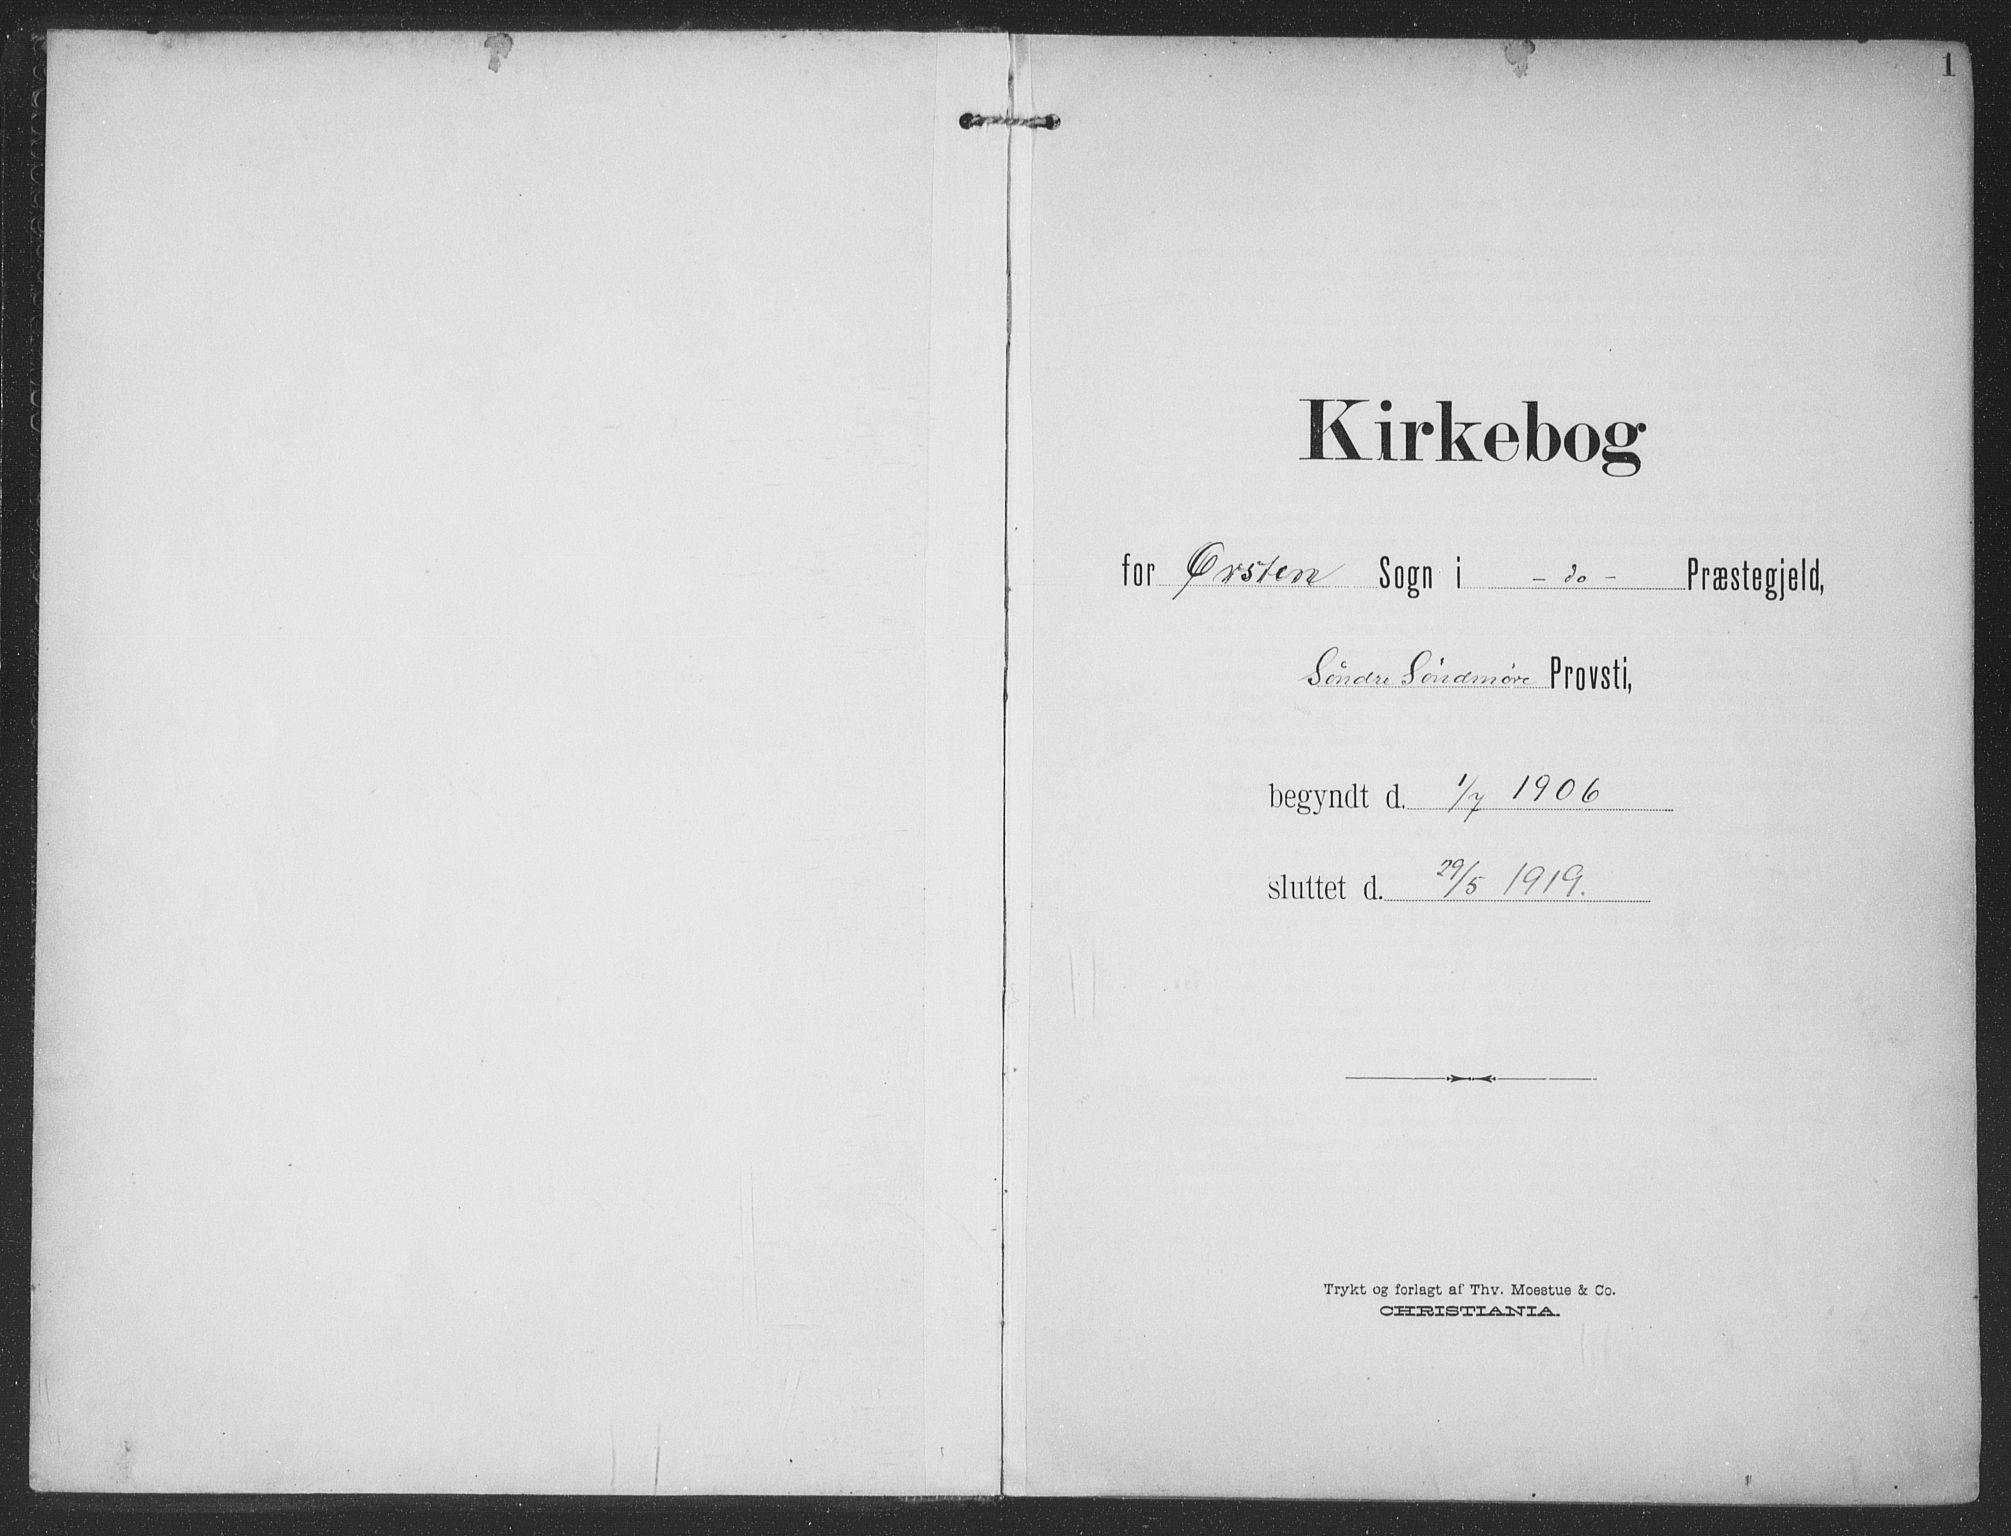 SAT, Ministerialprotokoller, klokkerbøker og fødselsregistre - Møre og Romsdal, 513/L0178: Ministerialbok nr. 513A05, 1906-1919, s. 1